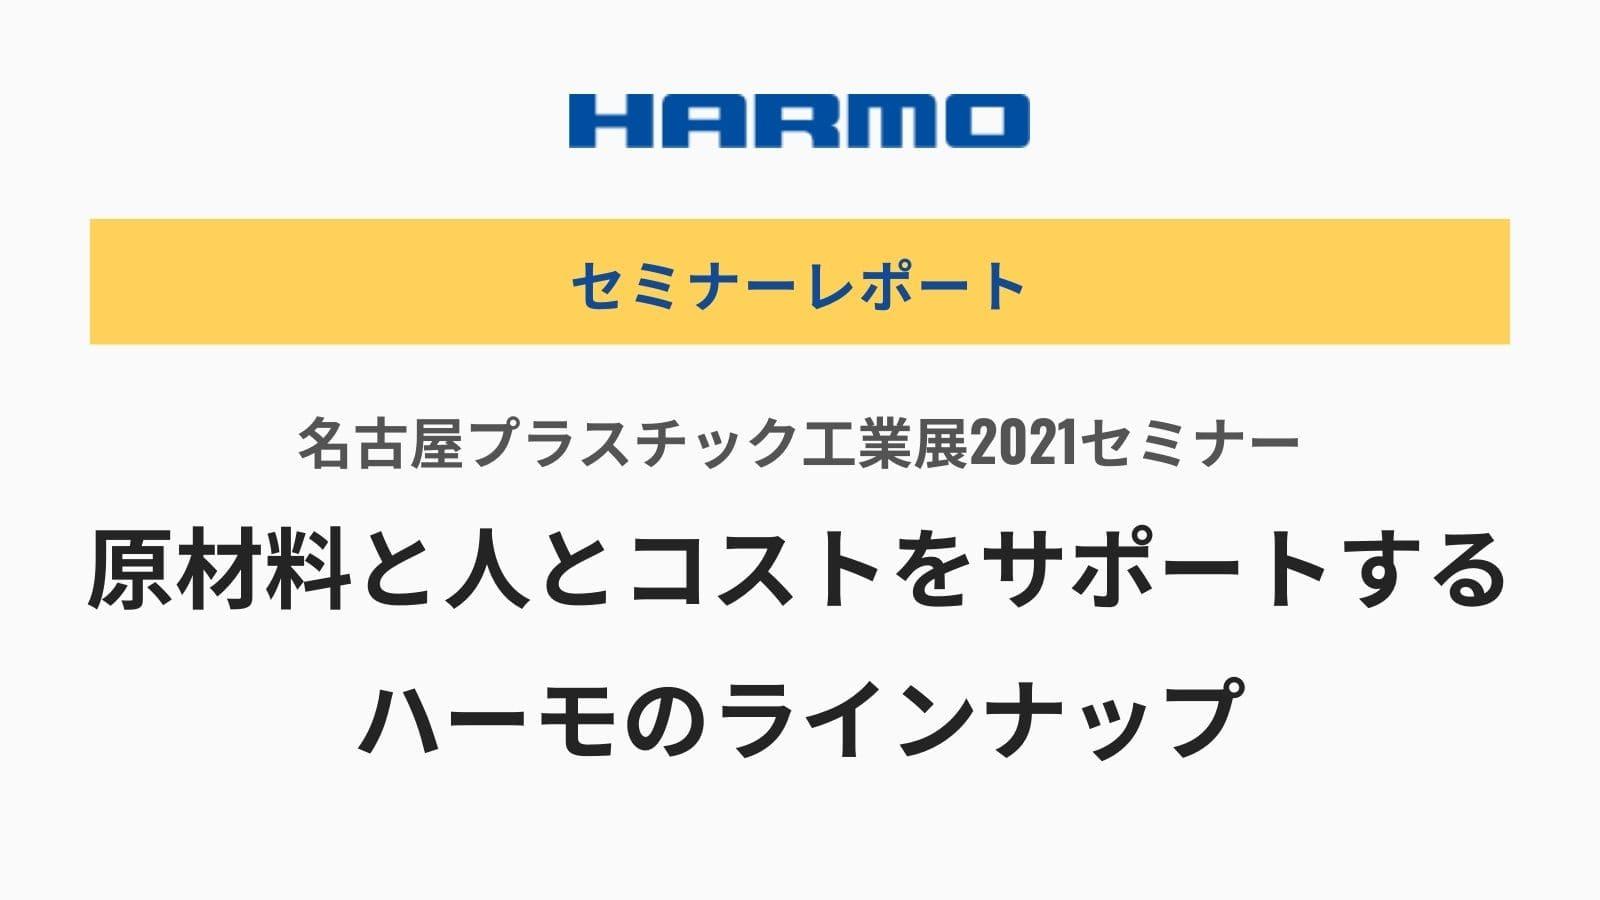 ハーモ名古屋プラスチック工業展2021レポート『射出成形の原材料と人とコストをサポートするハーモのラインナップ』